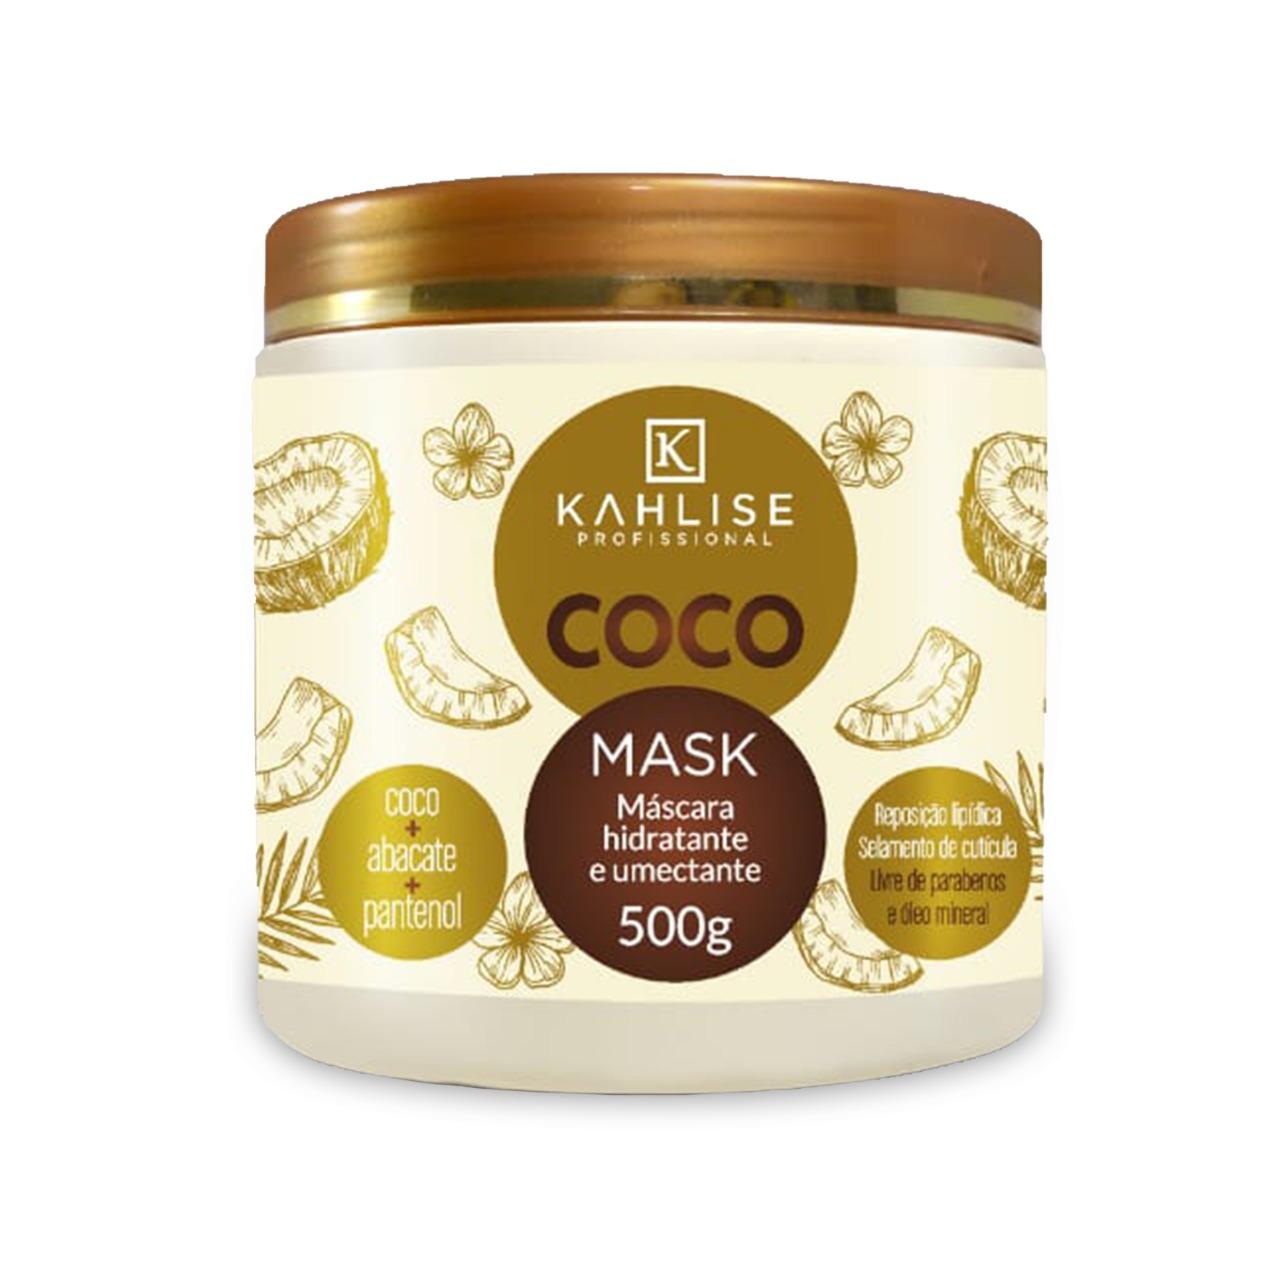 COCO MASK 500g KAHLISE